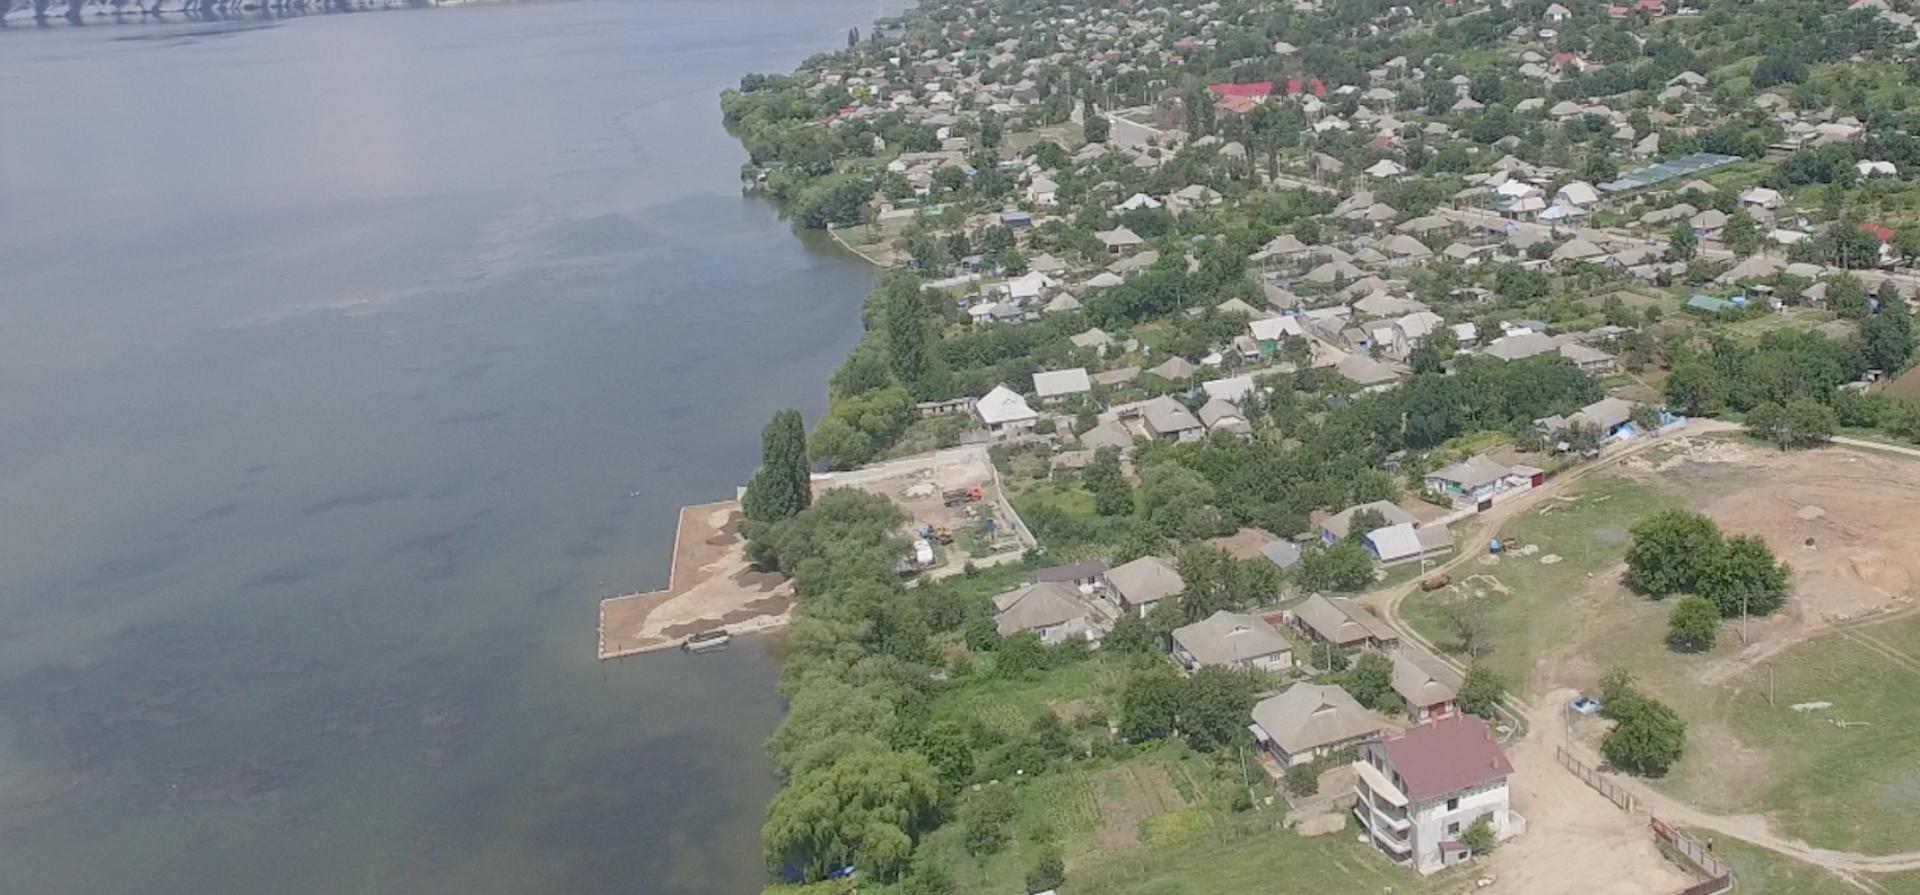 VIDEO/ Construcție neautorizată pe Nistru. Proprietari: cumnatul și prietenii președintelui Dodon